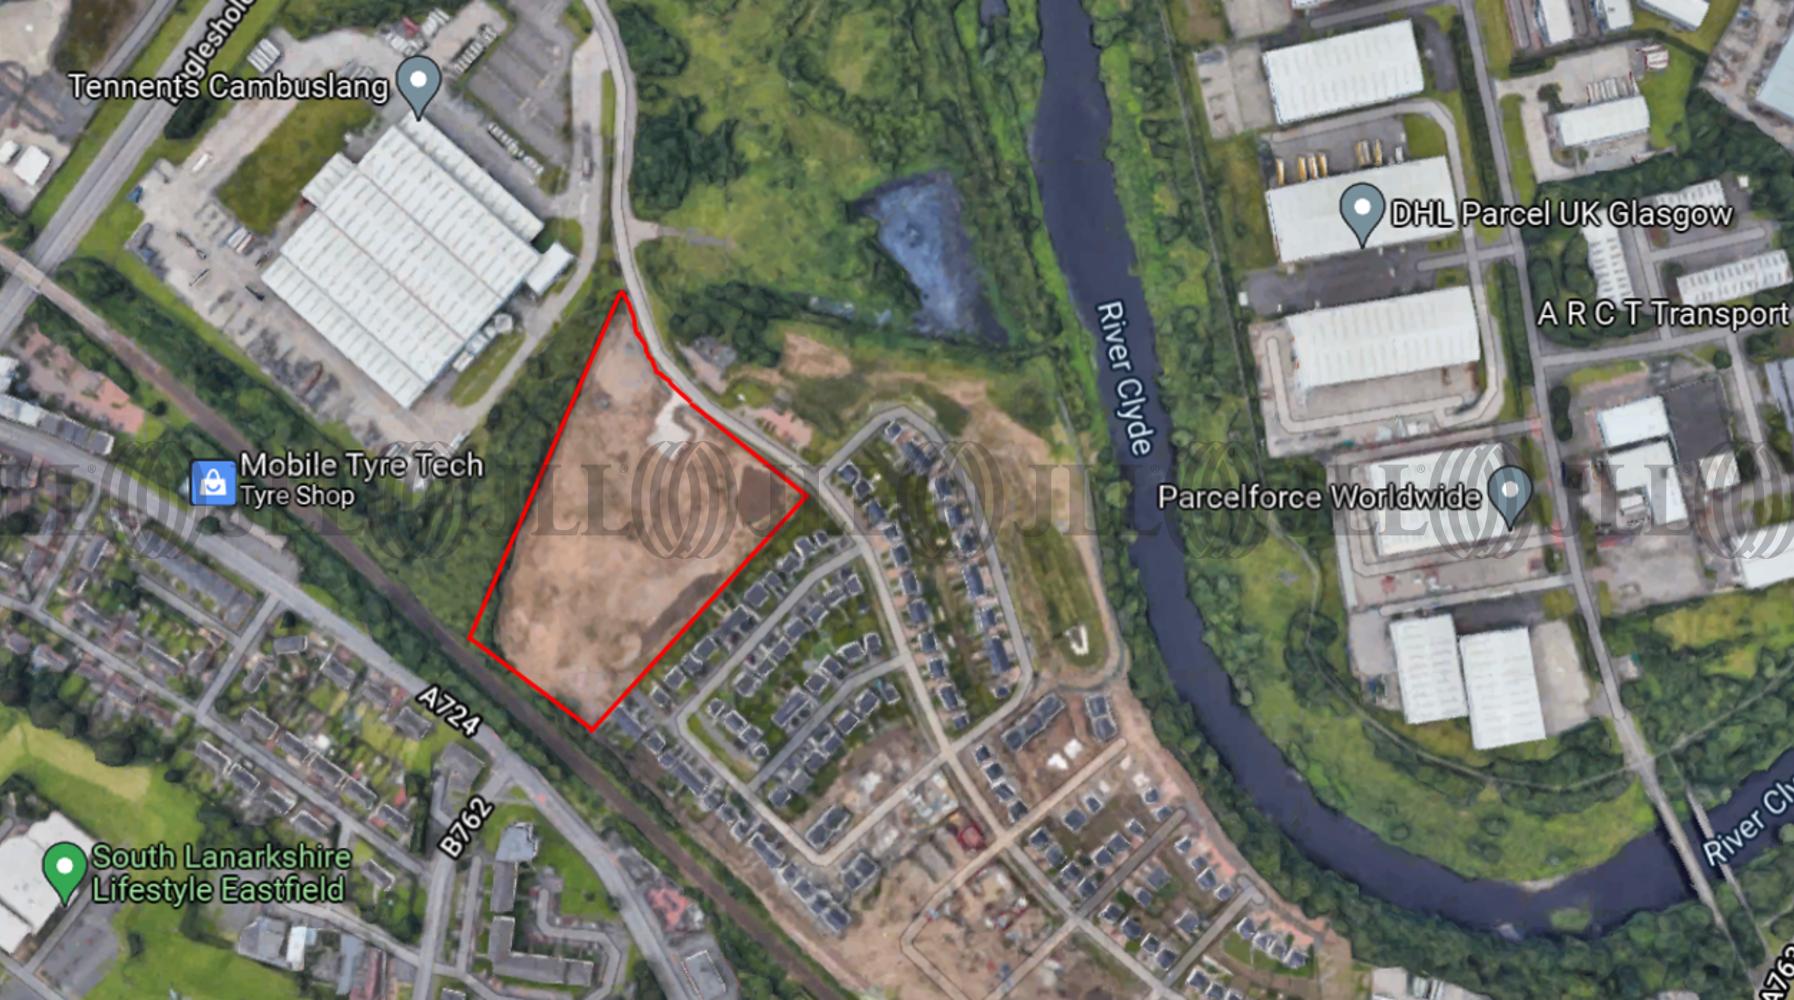 Land Glasgow, G72 7DX - Cambuslang Investment Park Commercial Development Site